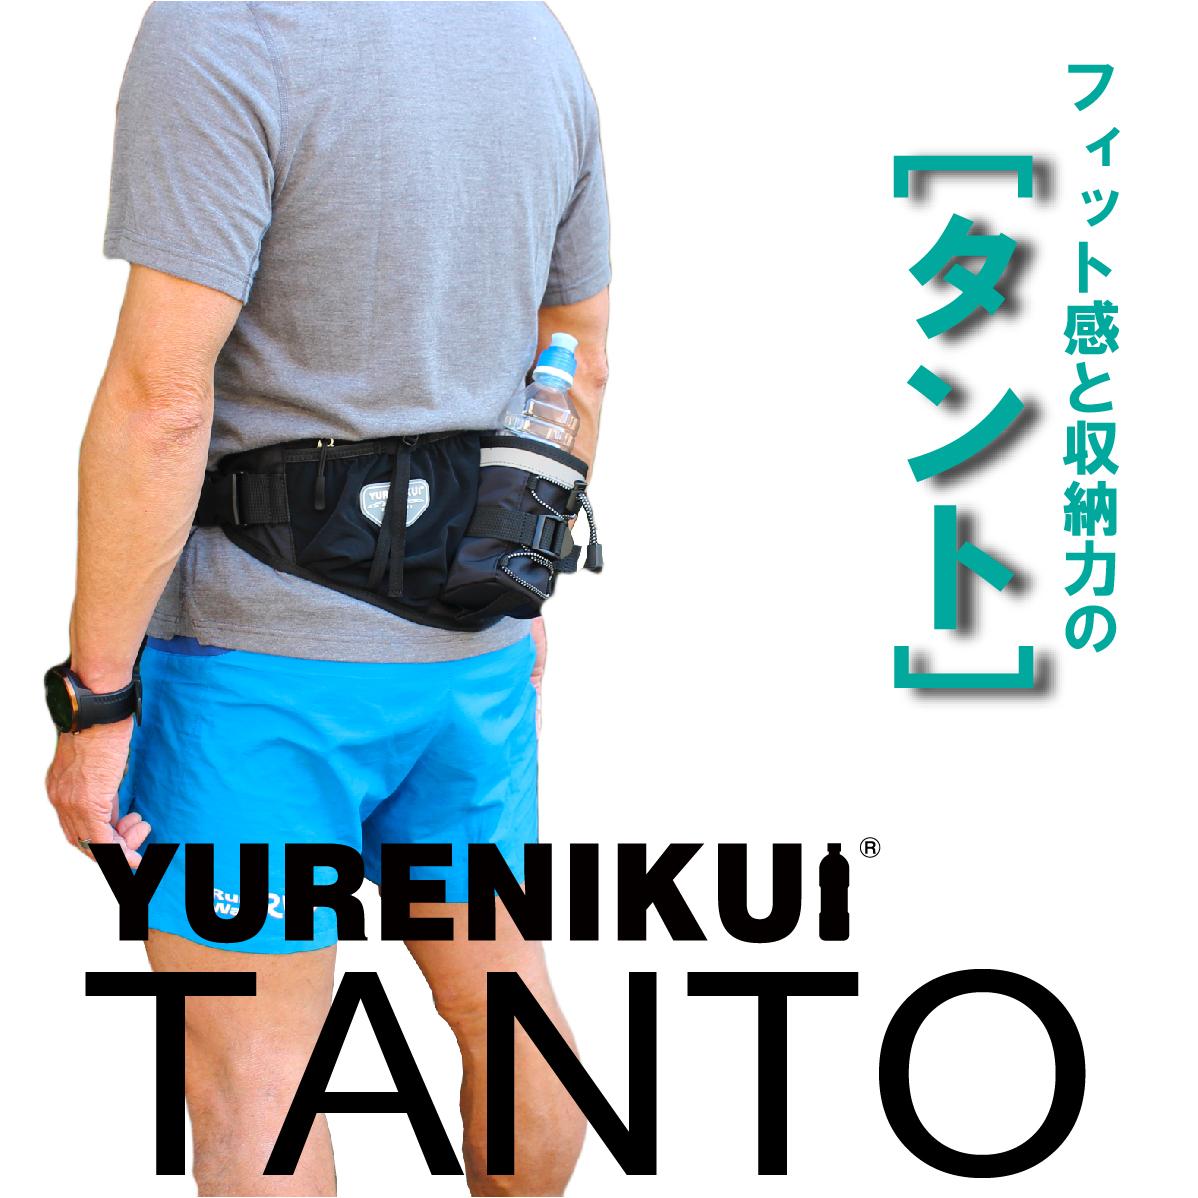 た~んと(たくさん)入って揺れにくい! YURENIKUI‐TANTO ウルトラにトレイルにも最適! ランニングポーチ【タント(たくさん物を入れたい方に)】YURENIKUI TANTO  ゆれにくい ボトルポーチ マラソンポーチ ジョギング ウォーキング iPhone 12 Pro Max対応 送料無料